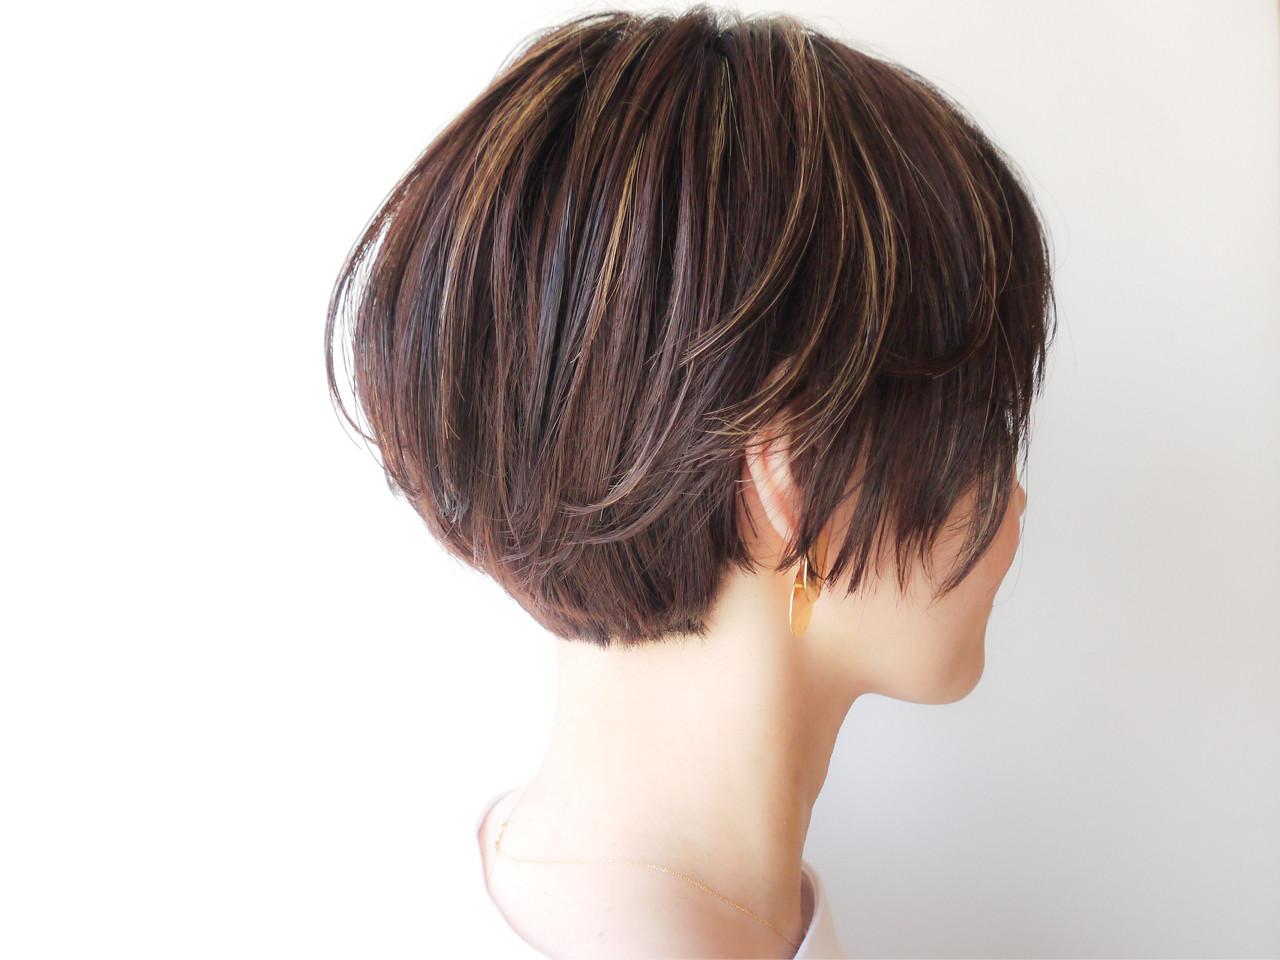 モテ髪 ゆるふわ ショートボブ コンサバ ヘアスタイルや髪型の写真・画像 | HIROKI / roijir / roijir